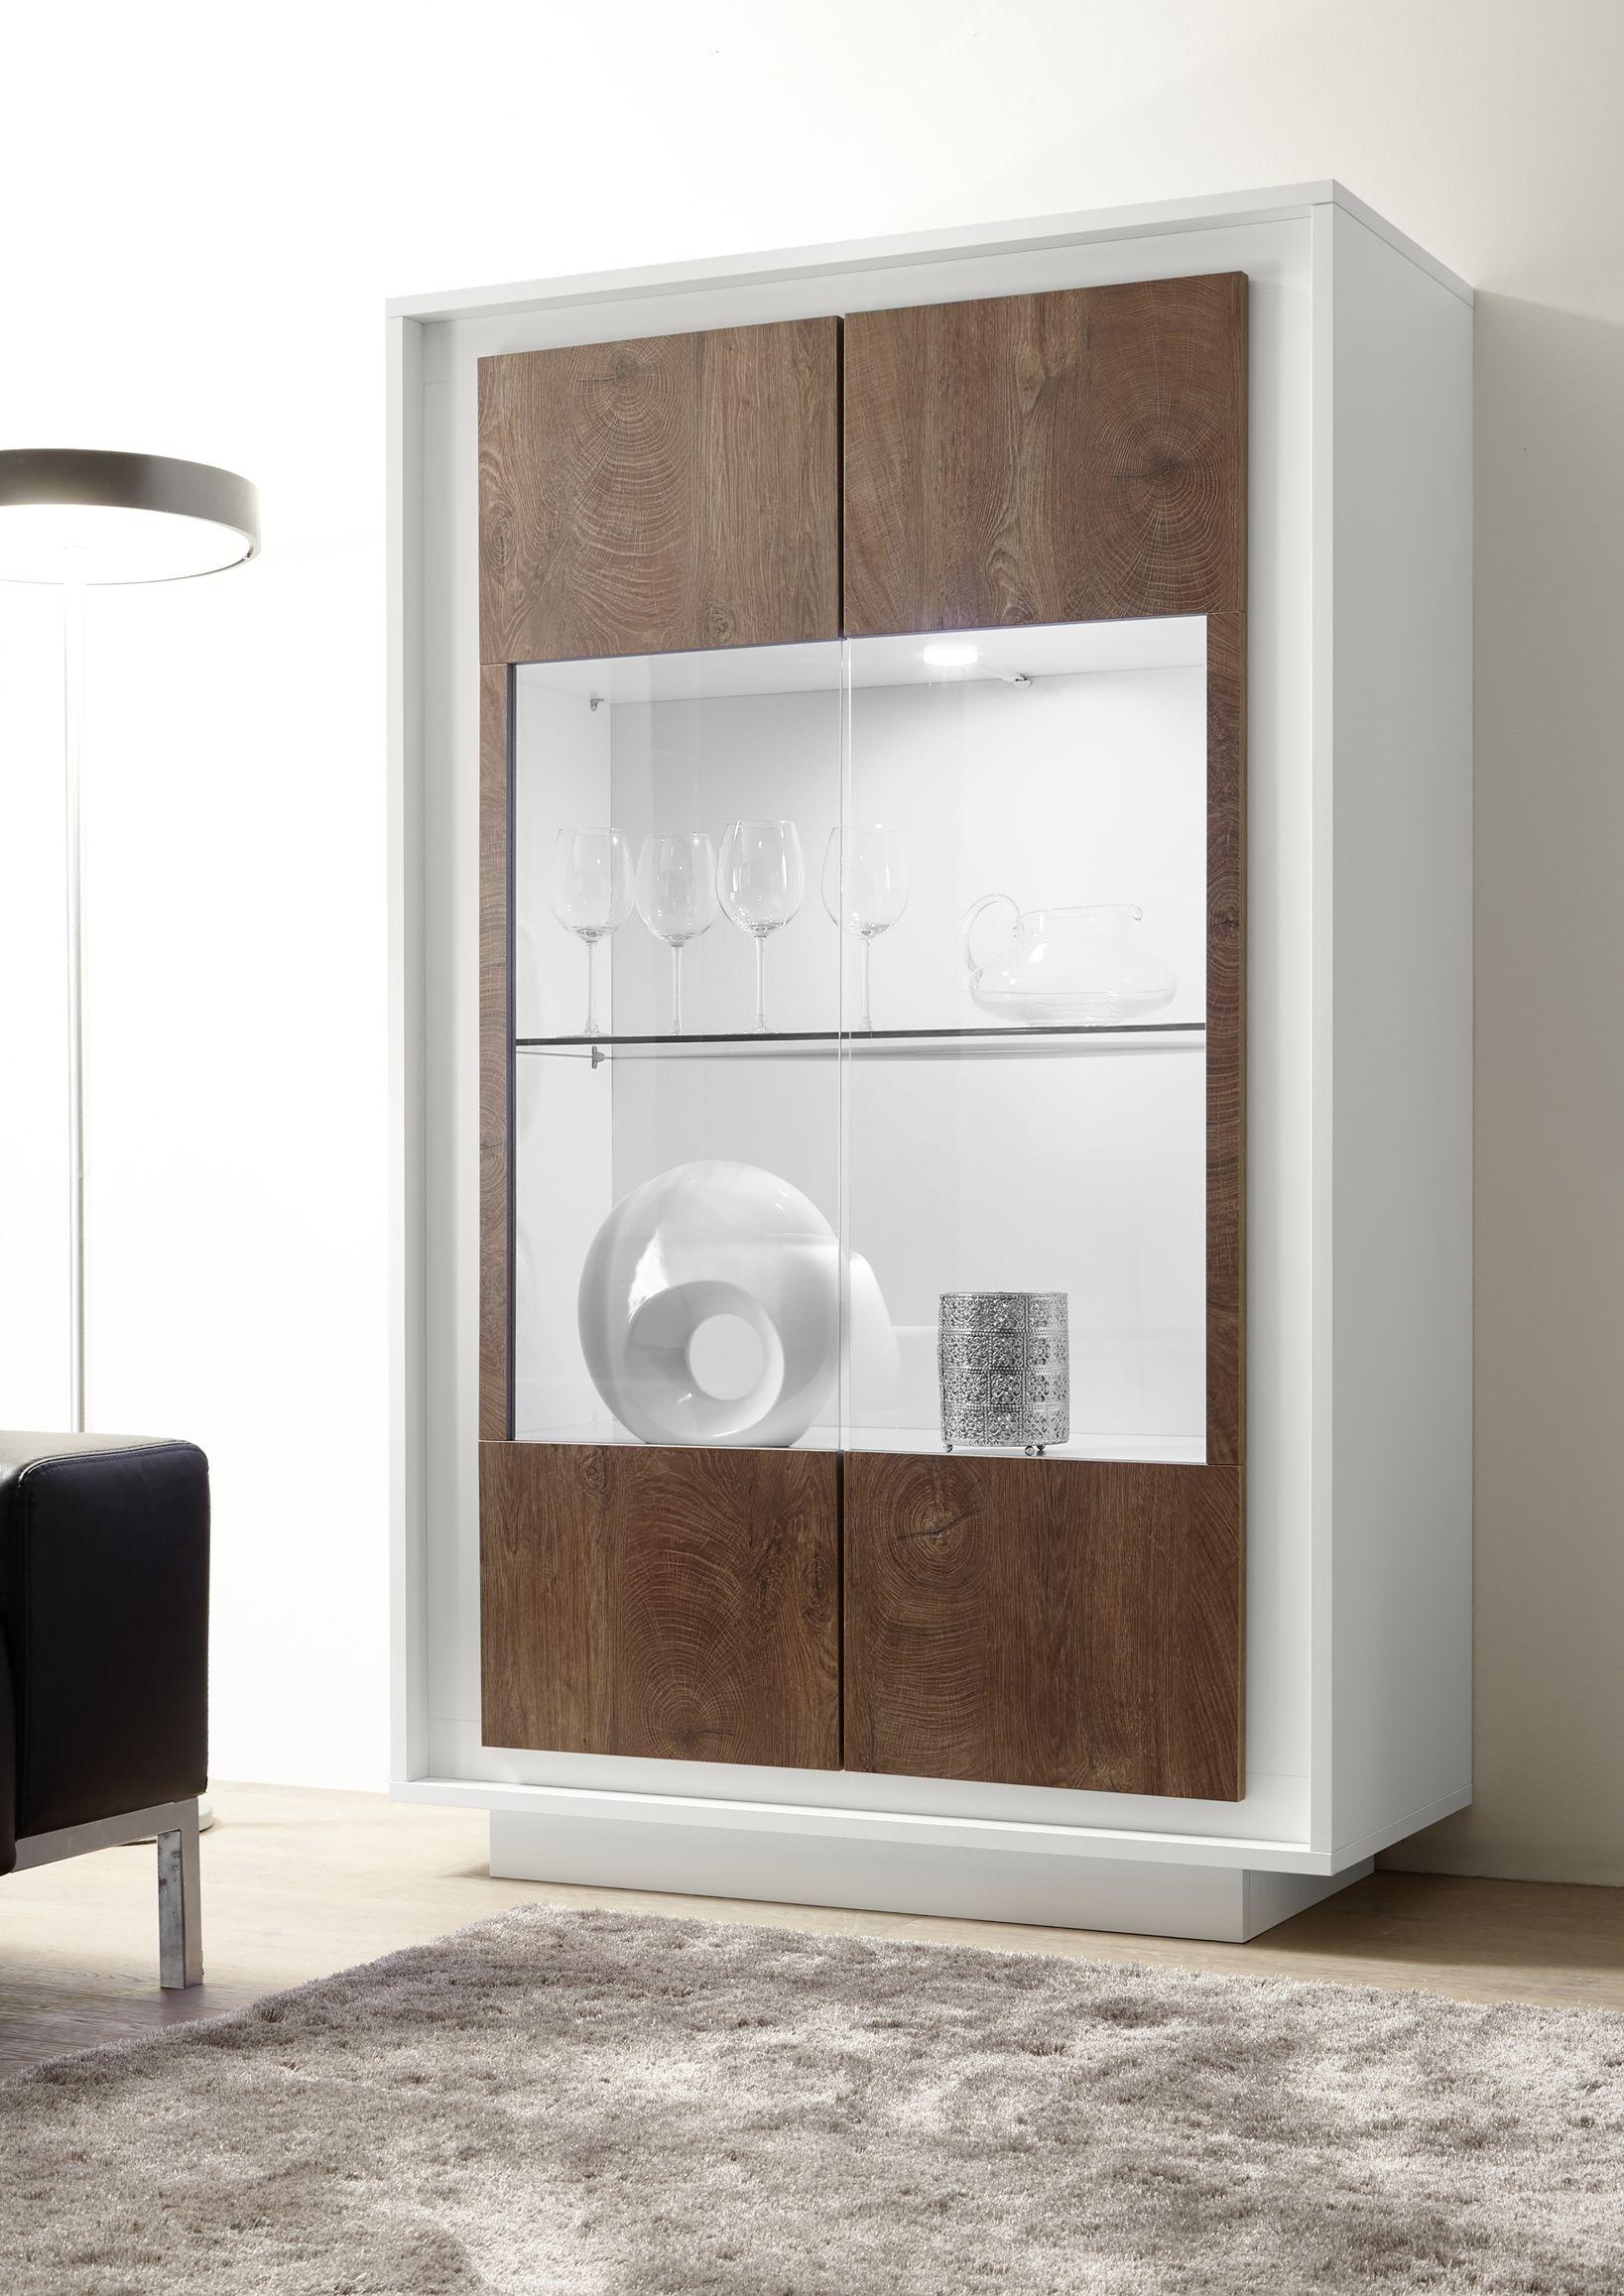 vetrina 2 ante bianco opaco e legno noce 390 00 € spedizione gratuita in tutta